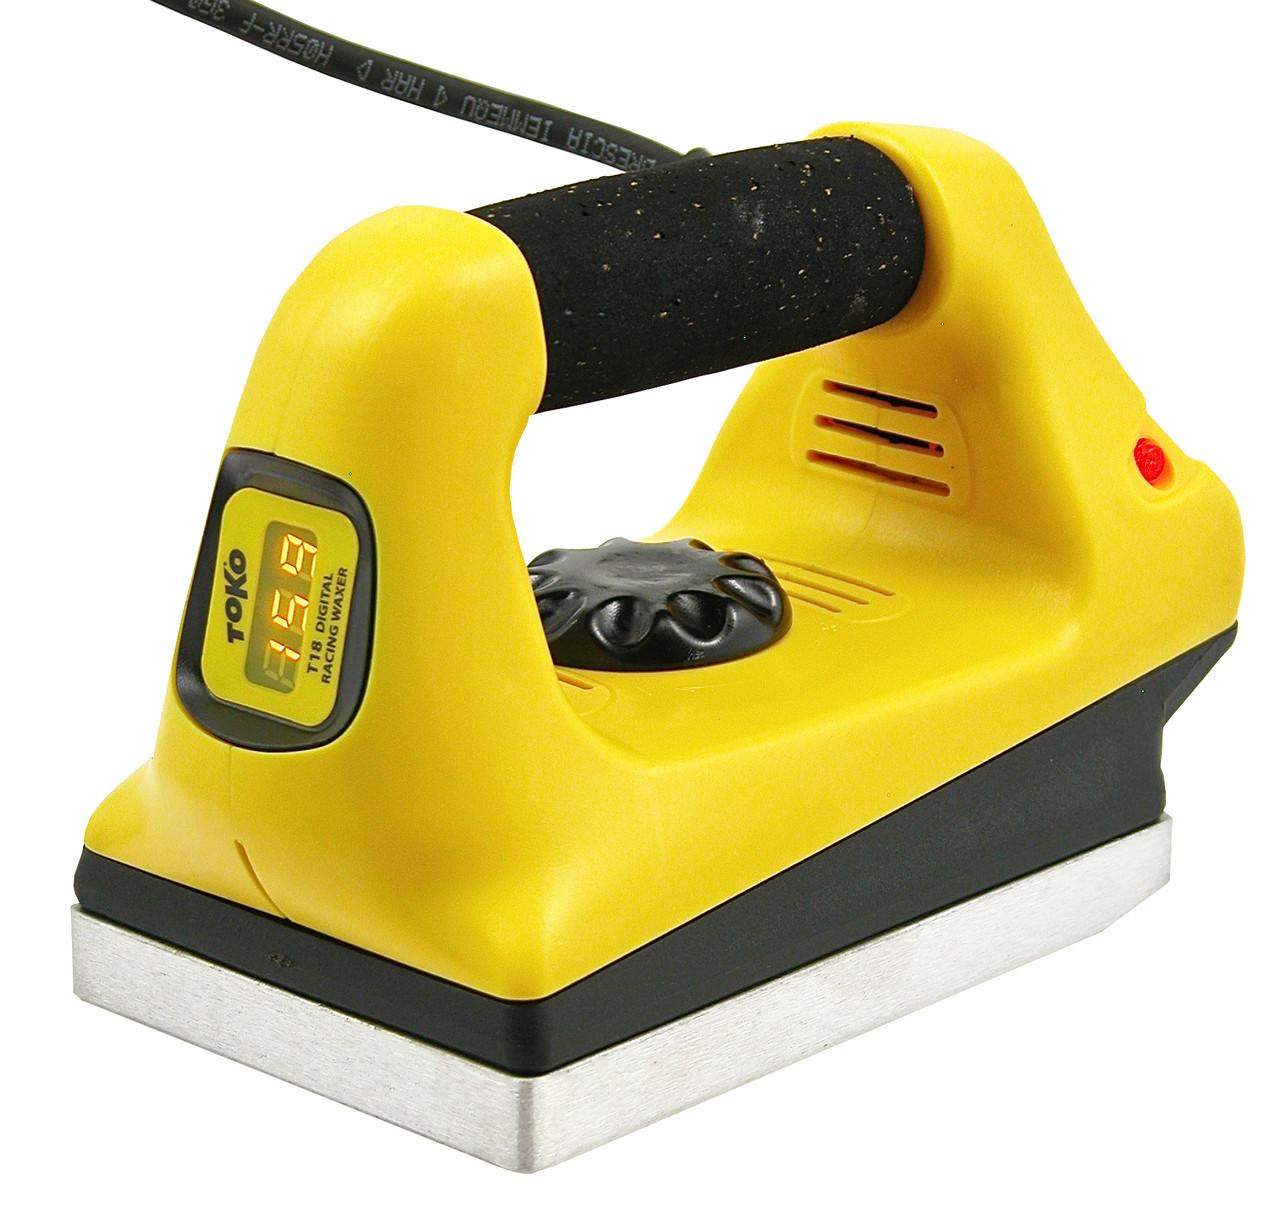 Toko T18 Digital Race Wax Iron (230V)